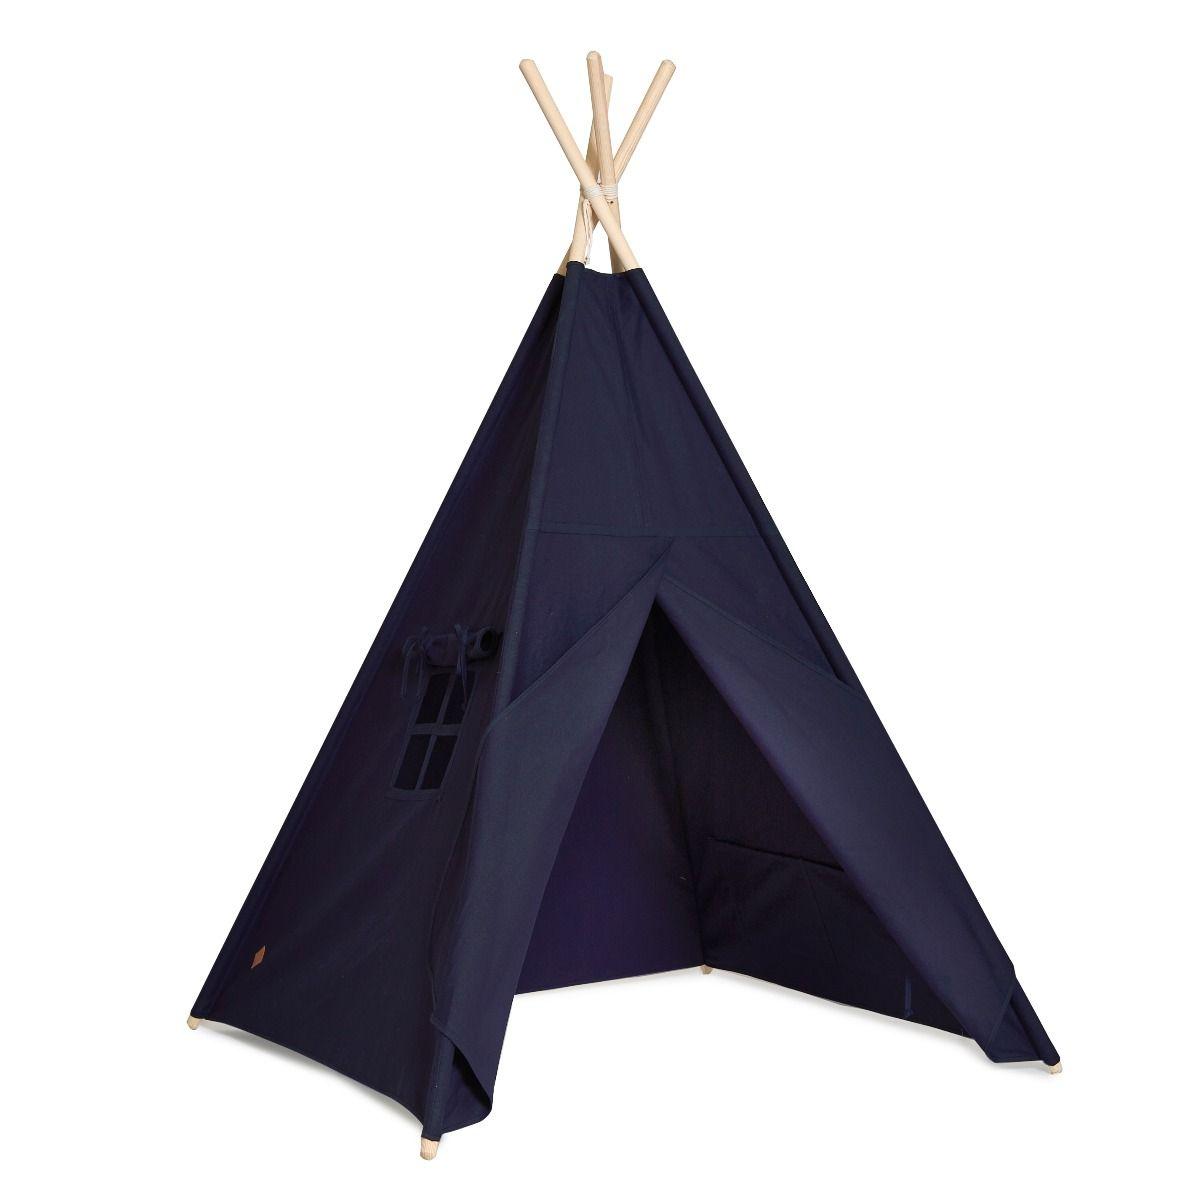 Teepee Tent - Navu Blule